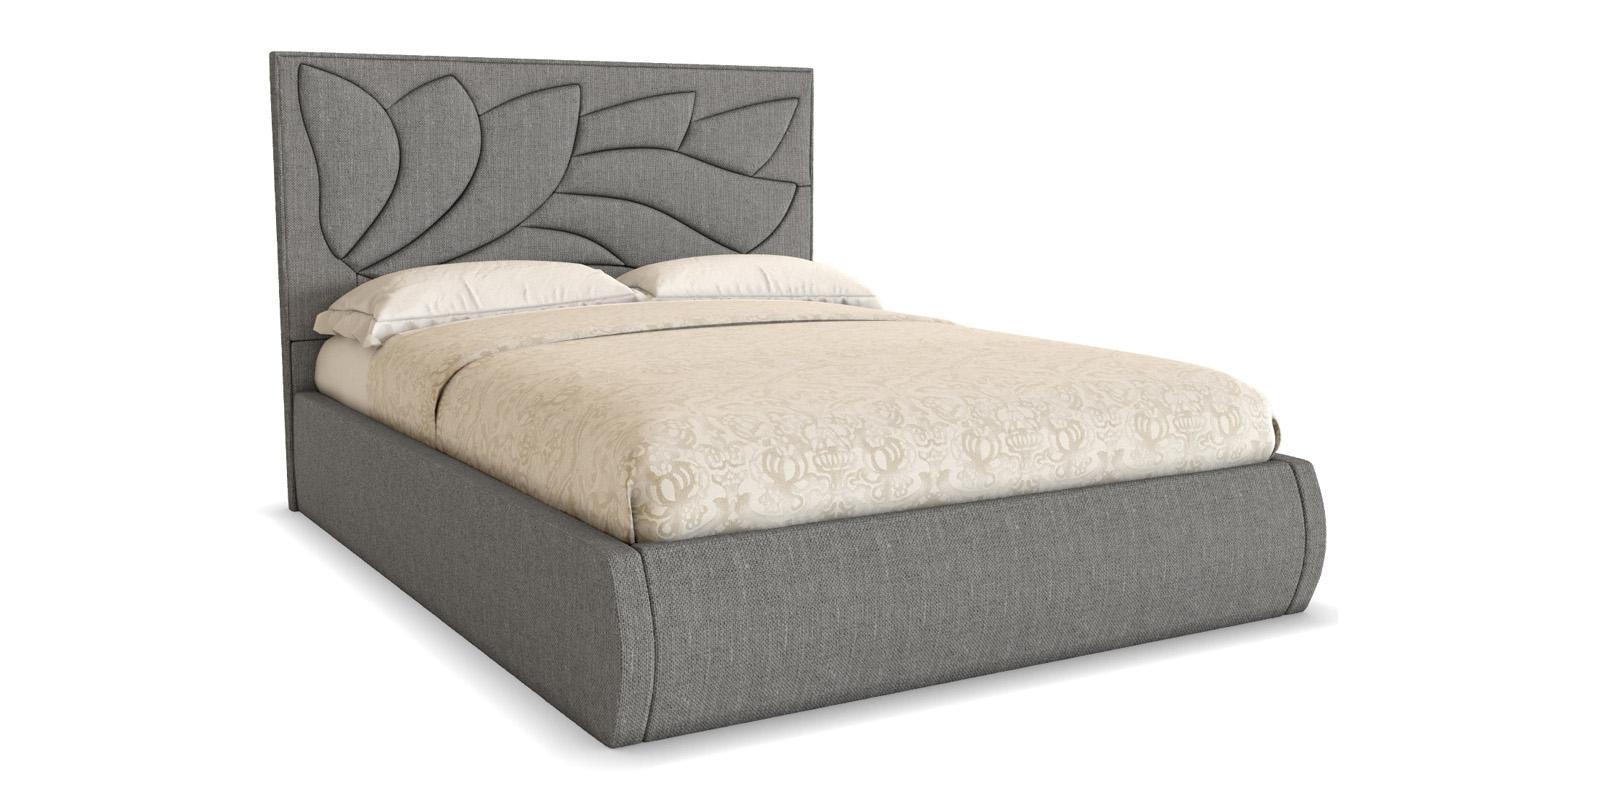 Мягкая кровать 200х180 Флора с ортопедическим основанием (серый)